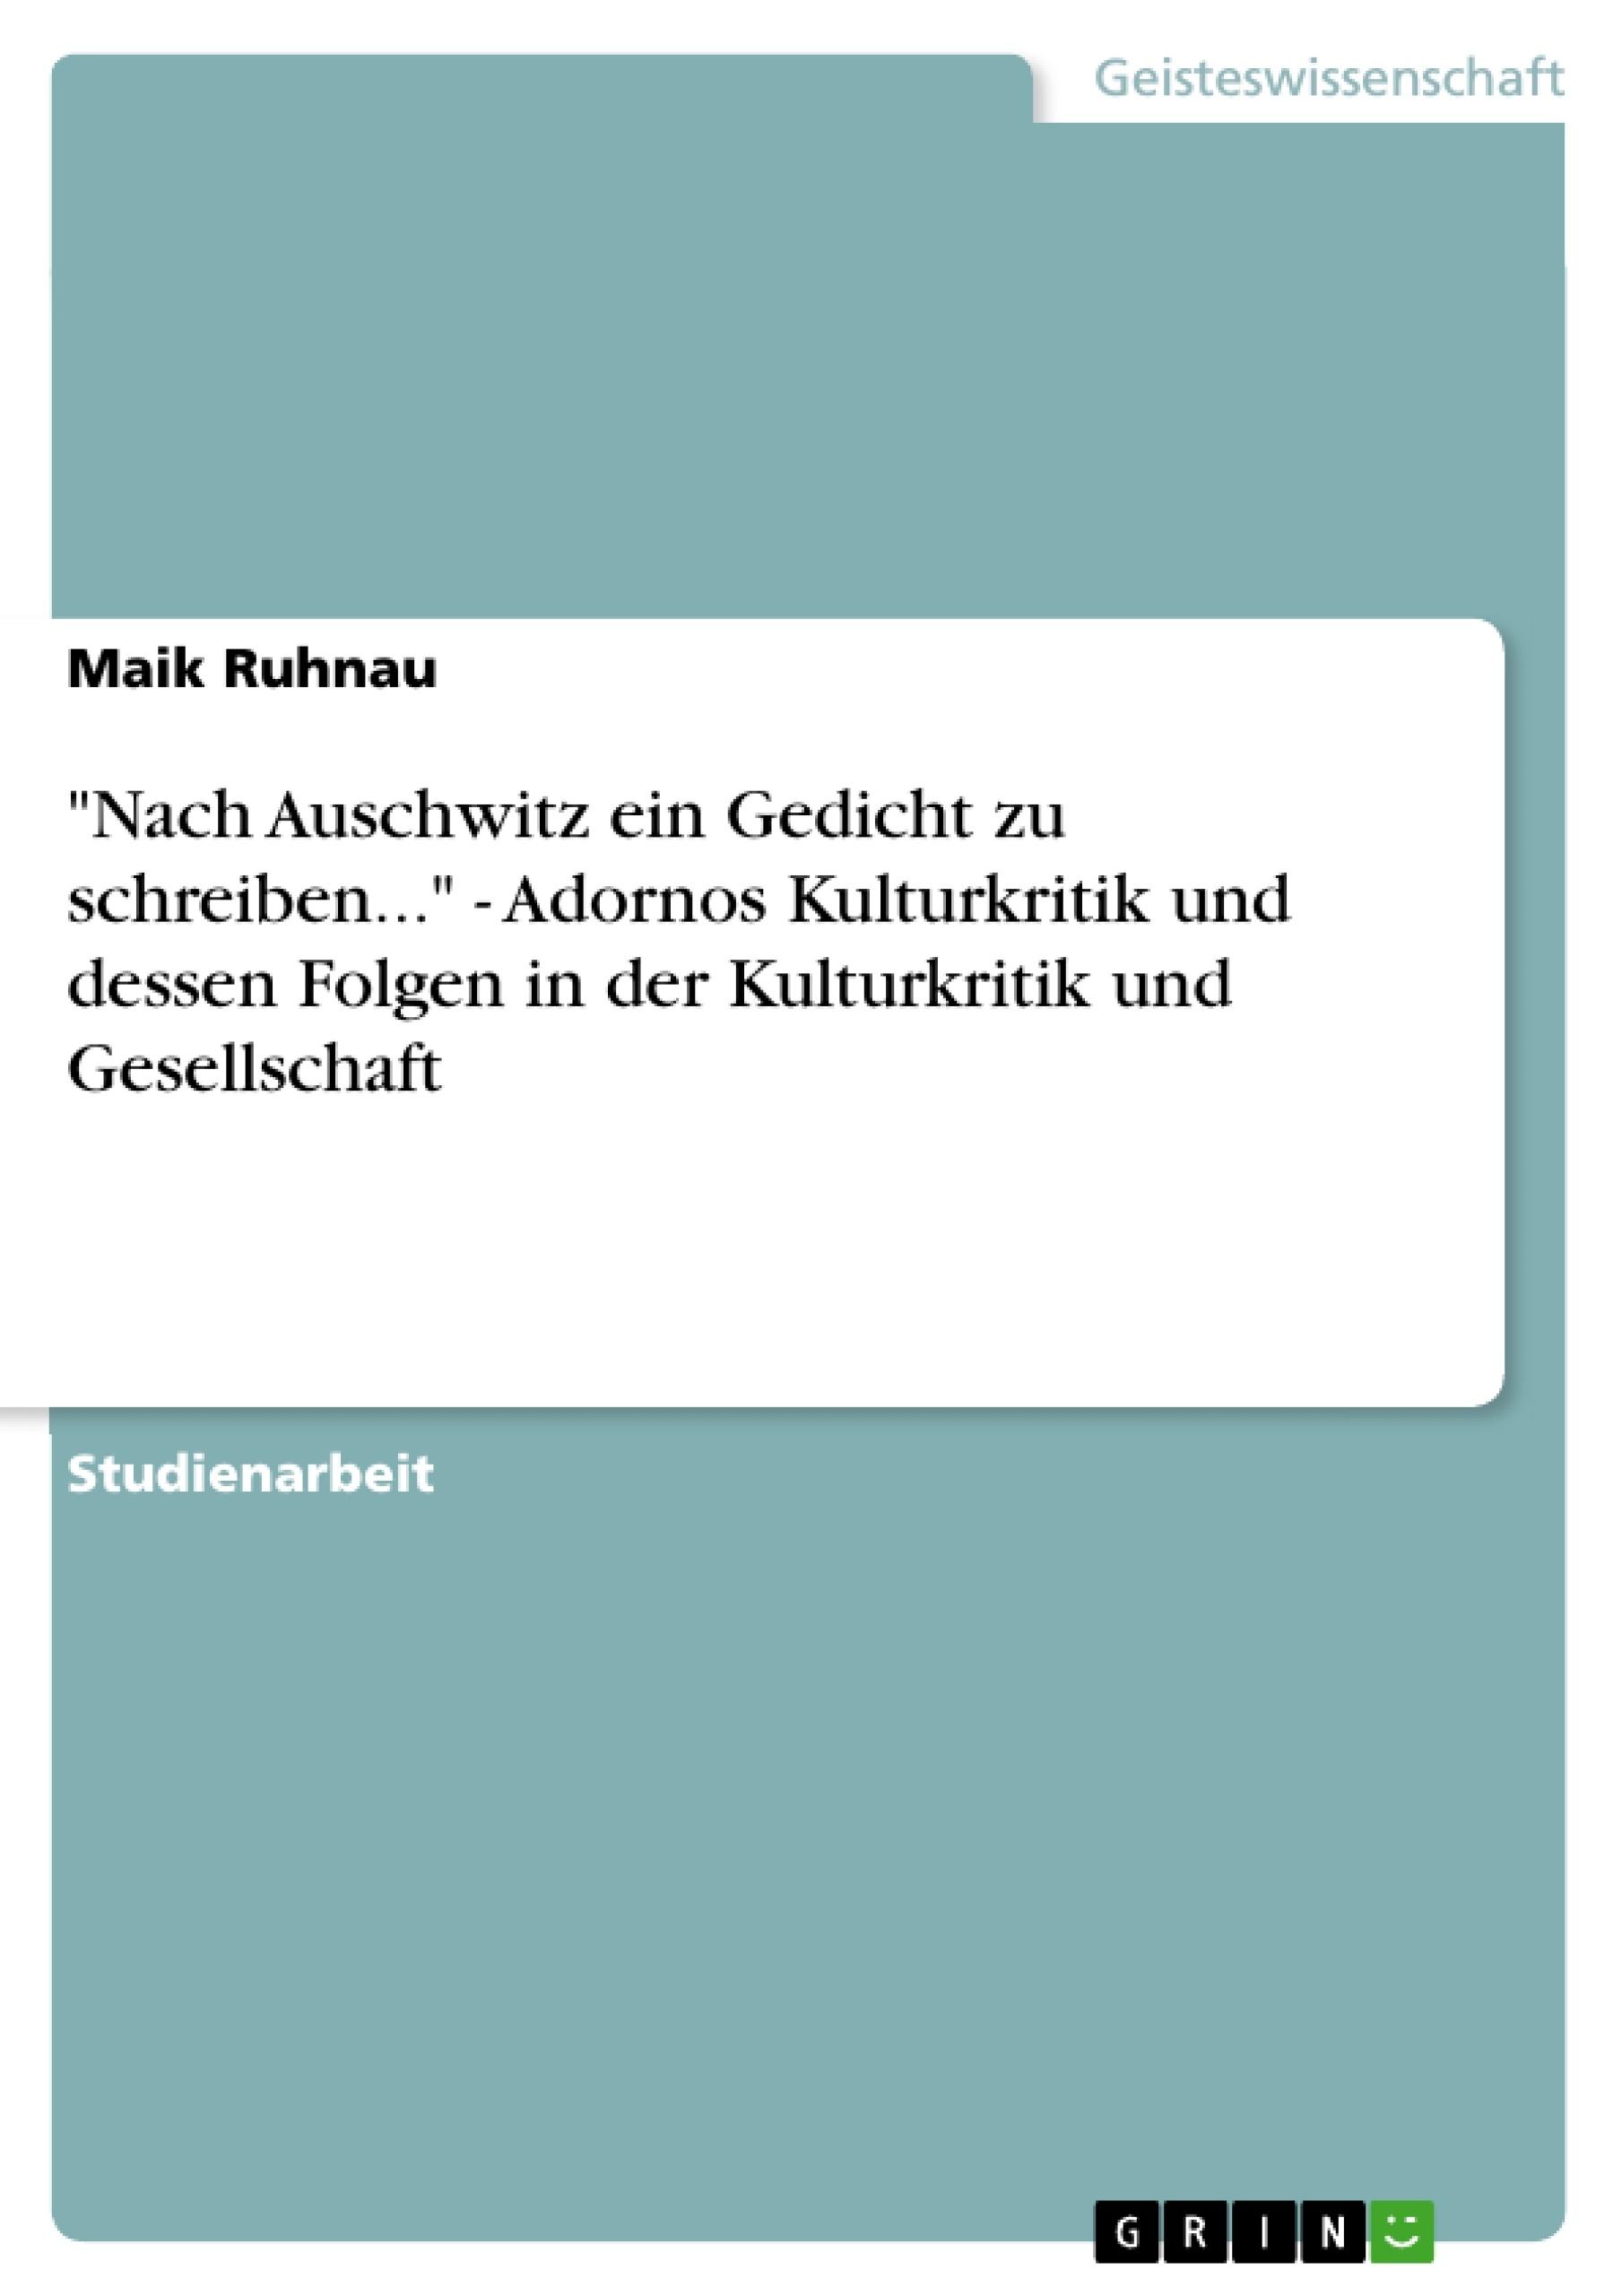 """Titel: """"Nach Auschwitz ein Gedicht zu schreiben..."""" - Adornos Kulturkritik und dessen Folgen in der Kulturkritik und Gesellschaft"""